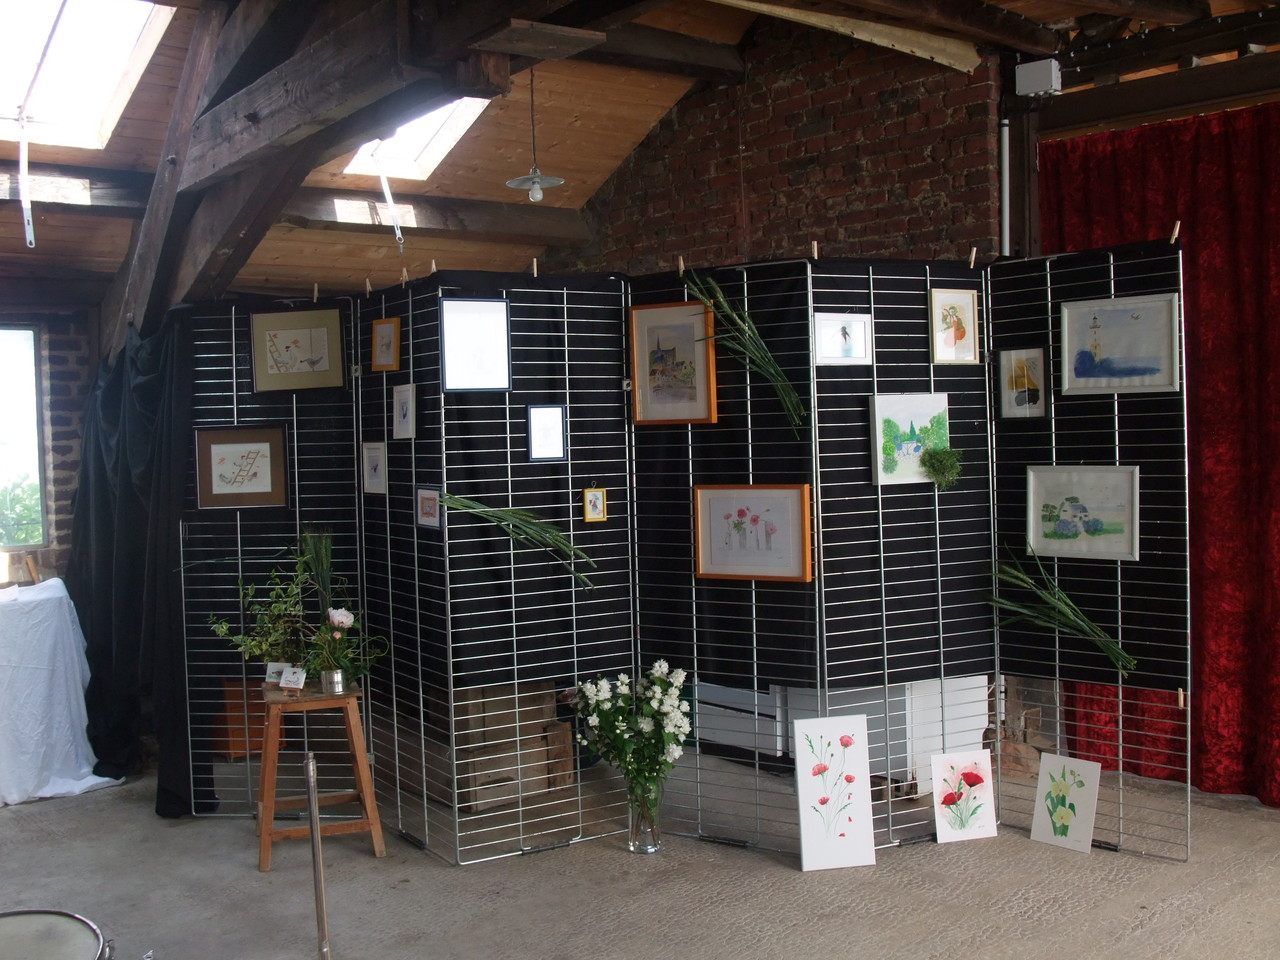 Les deux jours dans la Forge...exposition d'artistes...